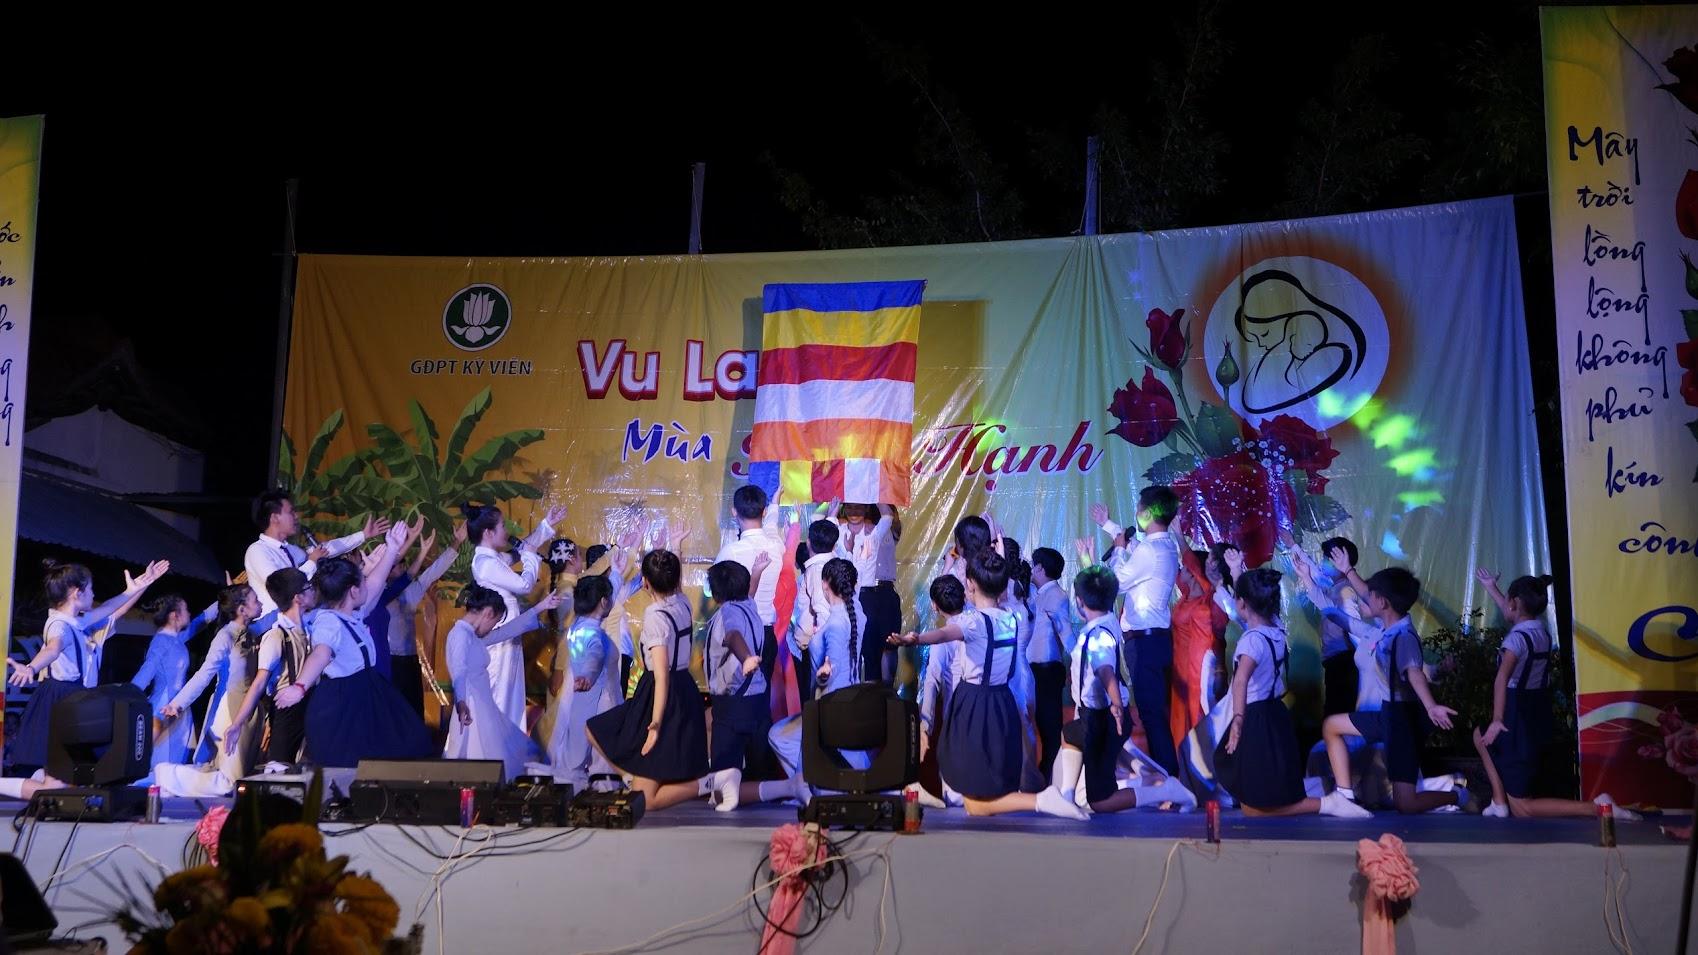 Hình ảnh: Văn nghệ cúng dường Đại lễ Vu Lan PL.2560 tại GĐPT Kỳ Viên